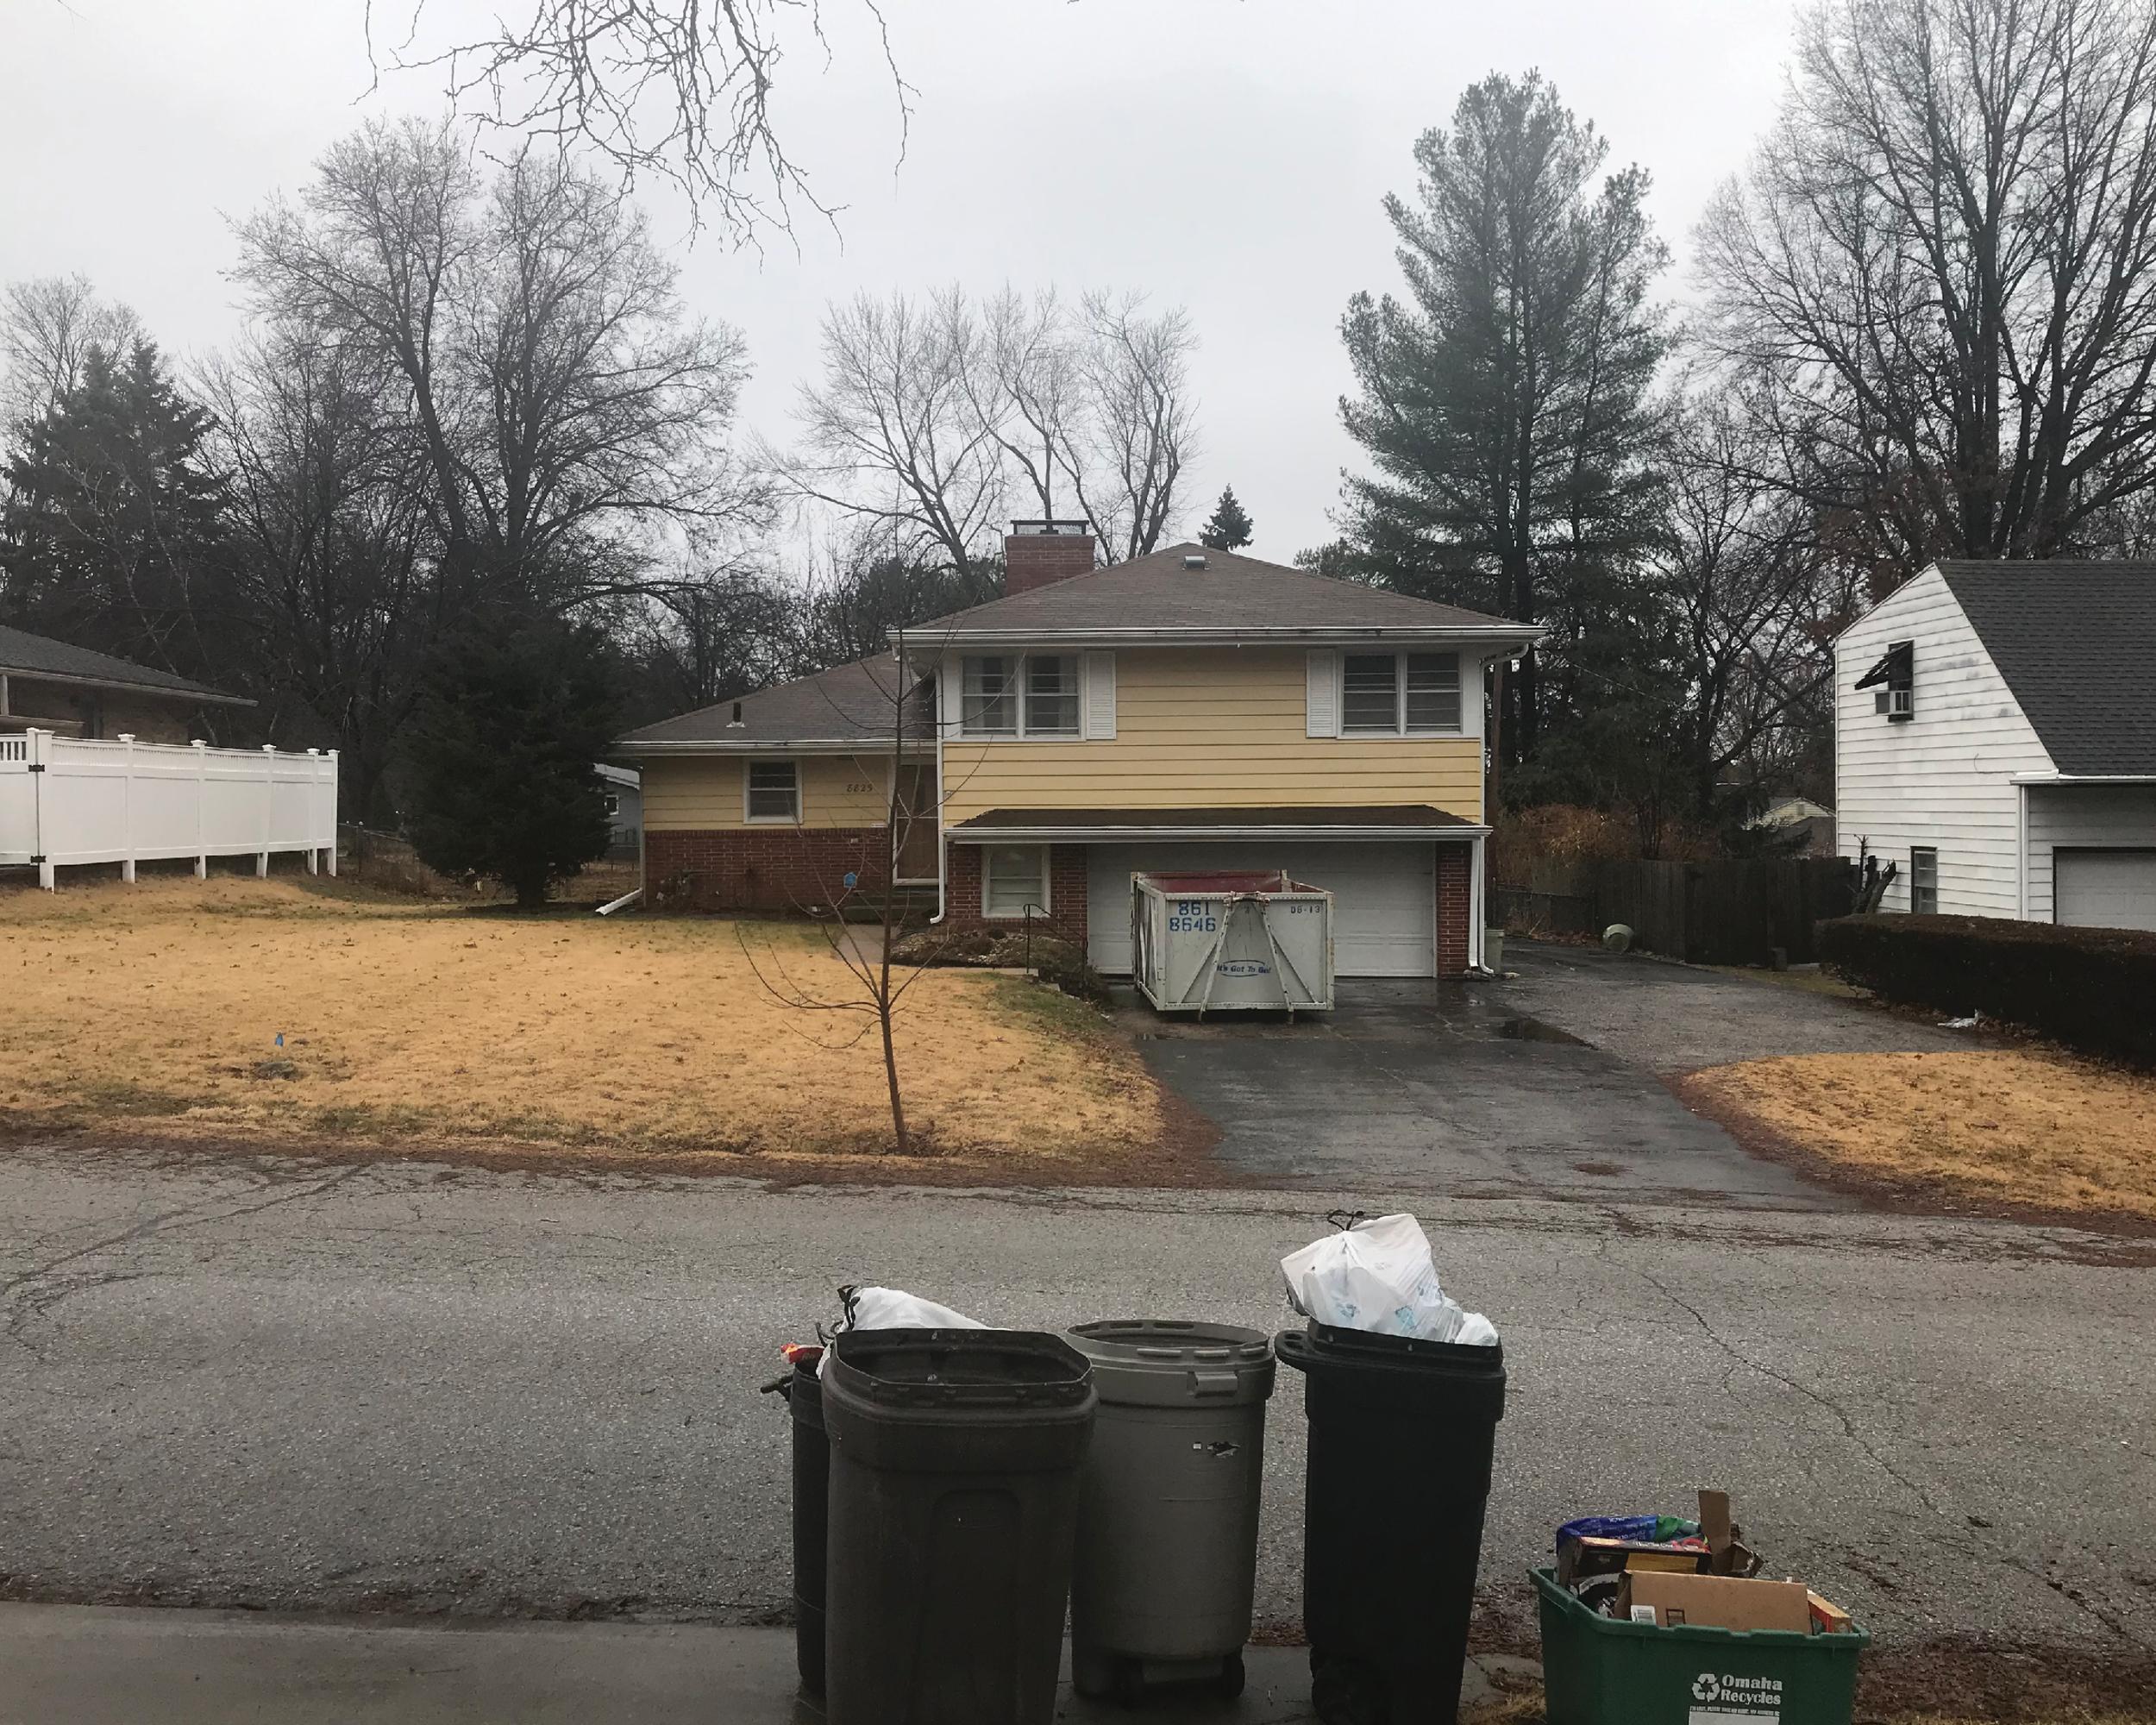 DECEMBER 2018 (pre-bulldoze)